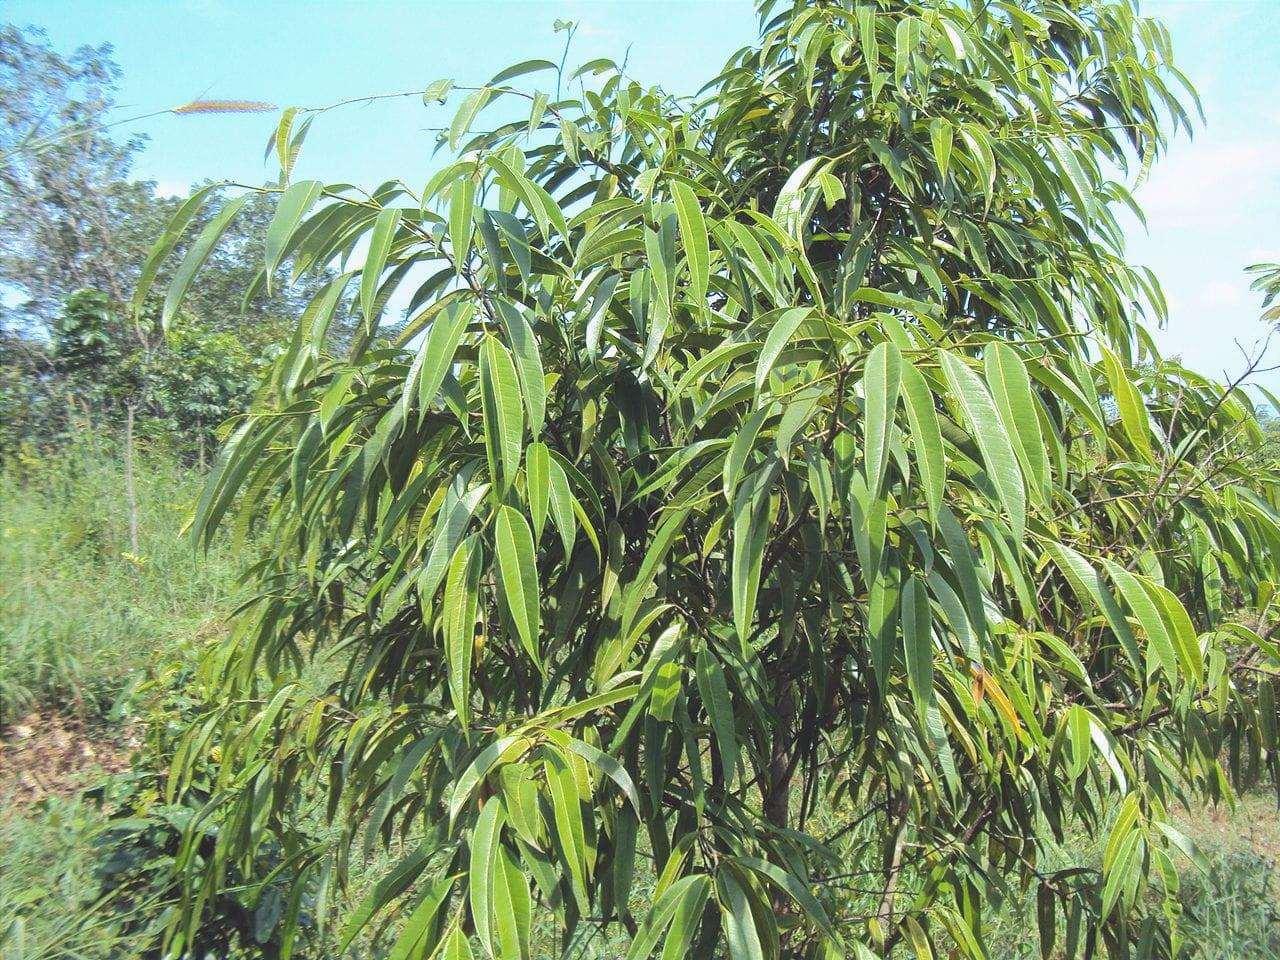 Vista del Ficus maclellandii in habitat